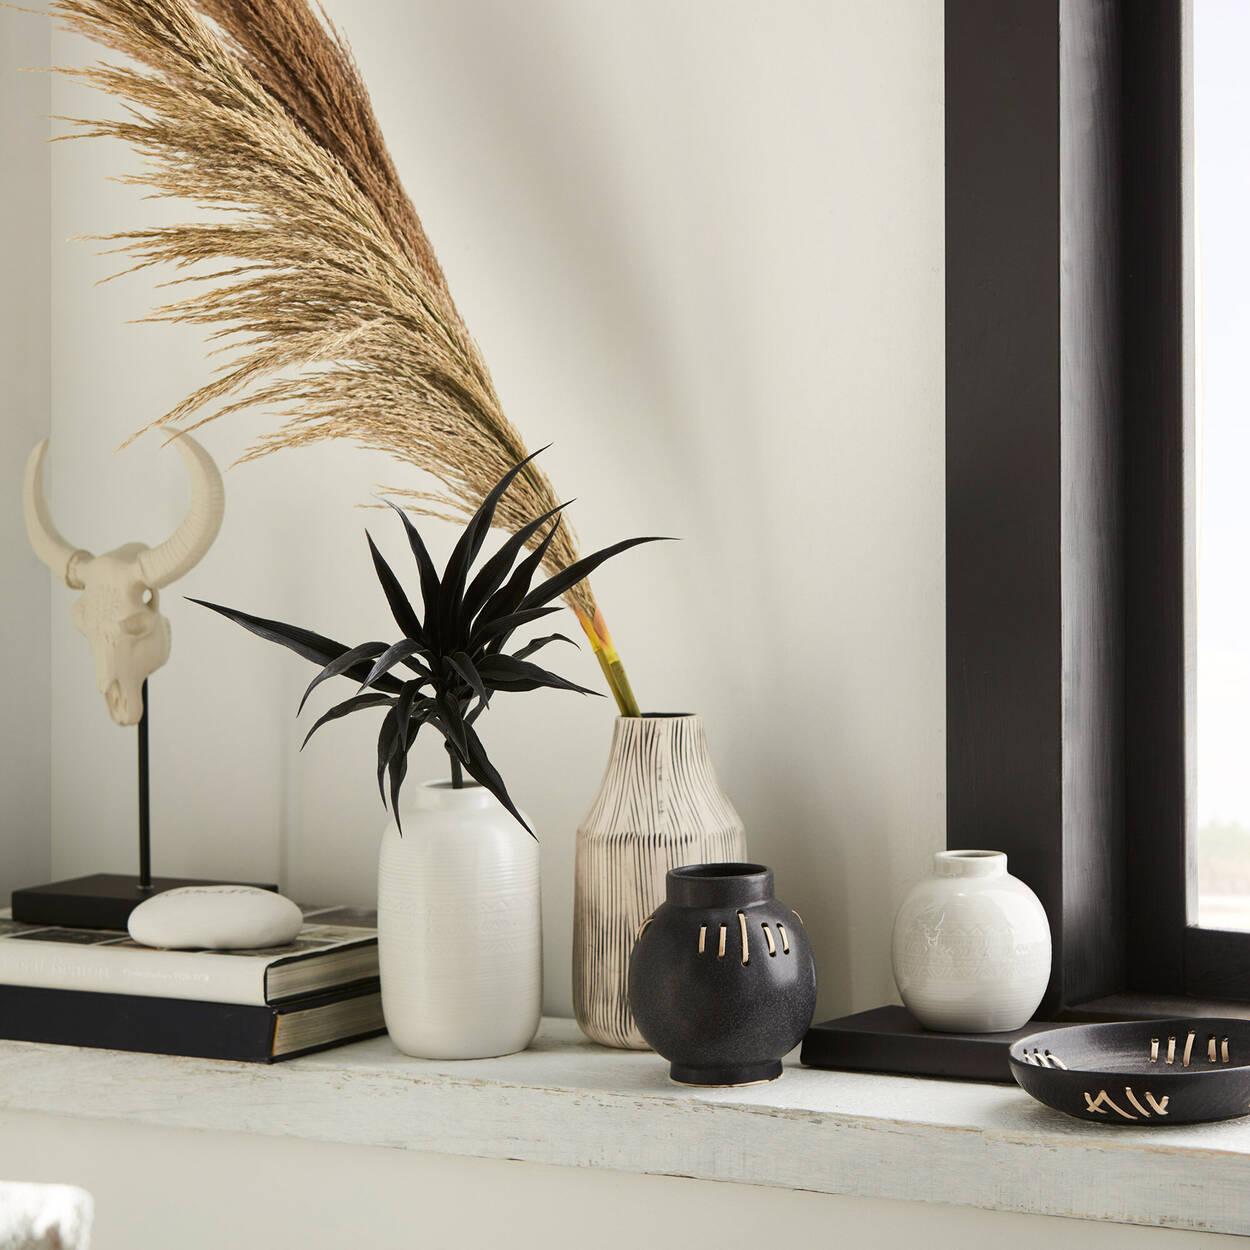 Vase de table en ciment rayé